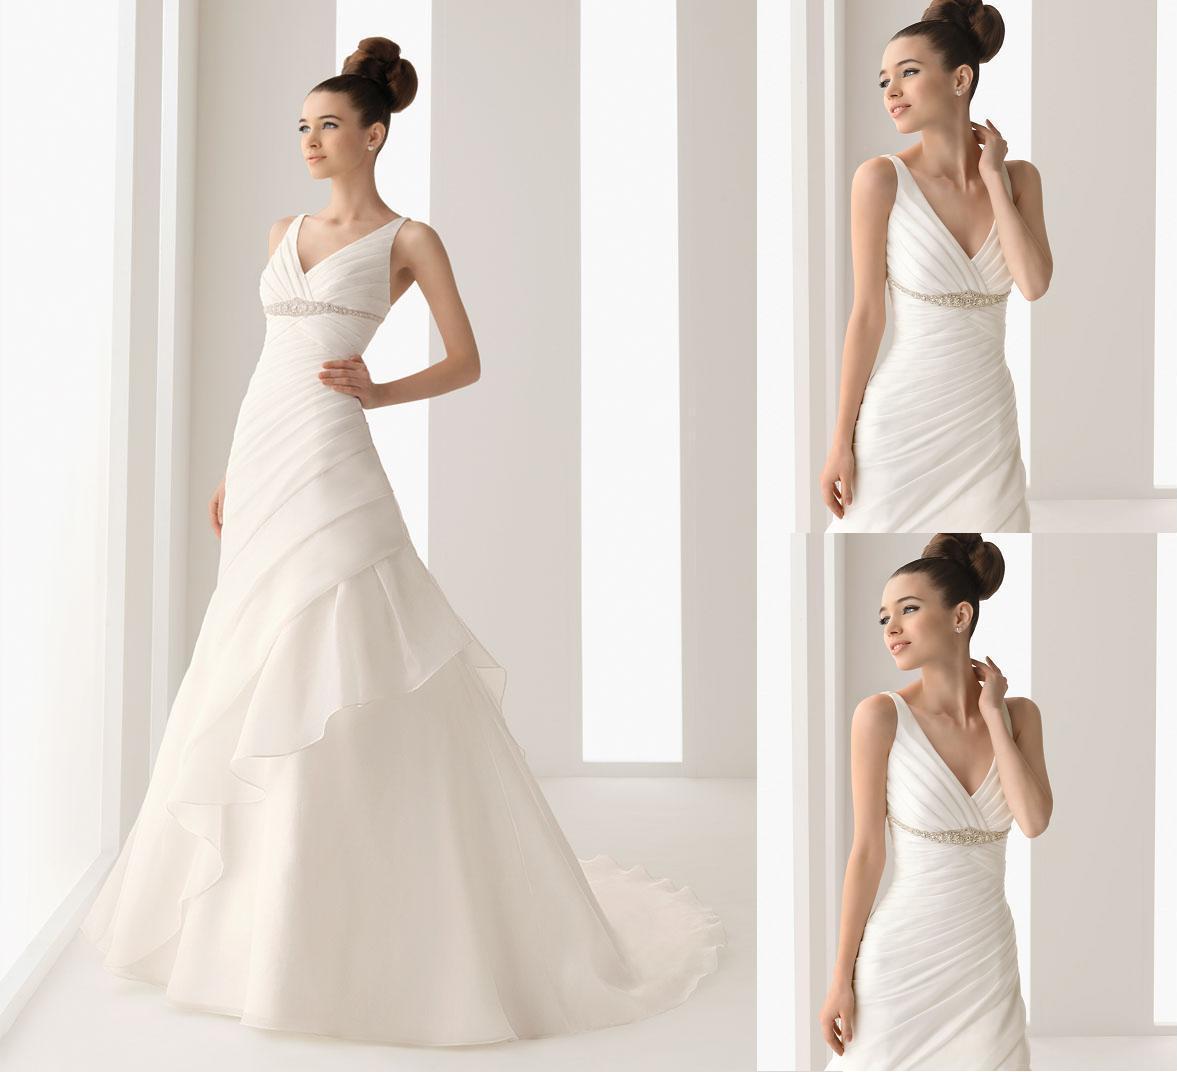 China 2012 Beautiful White Sweetheart Lace Wedding Dresses